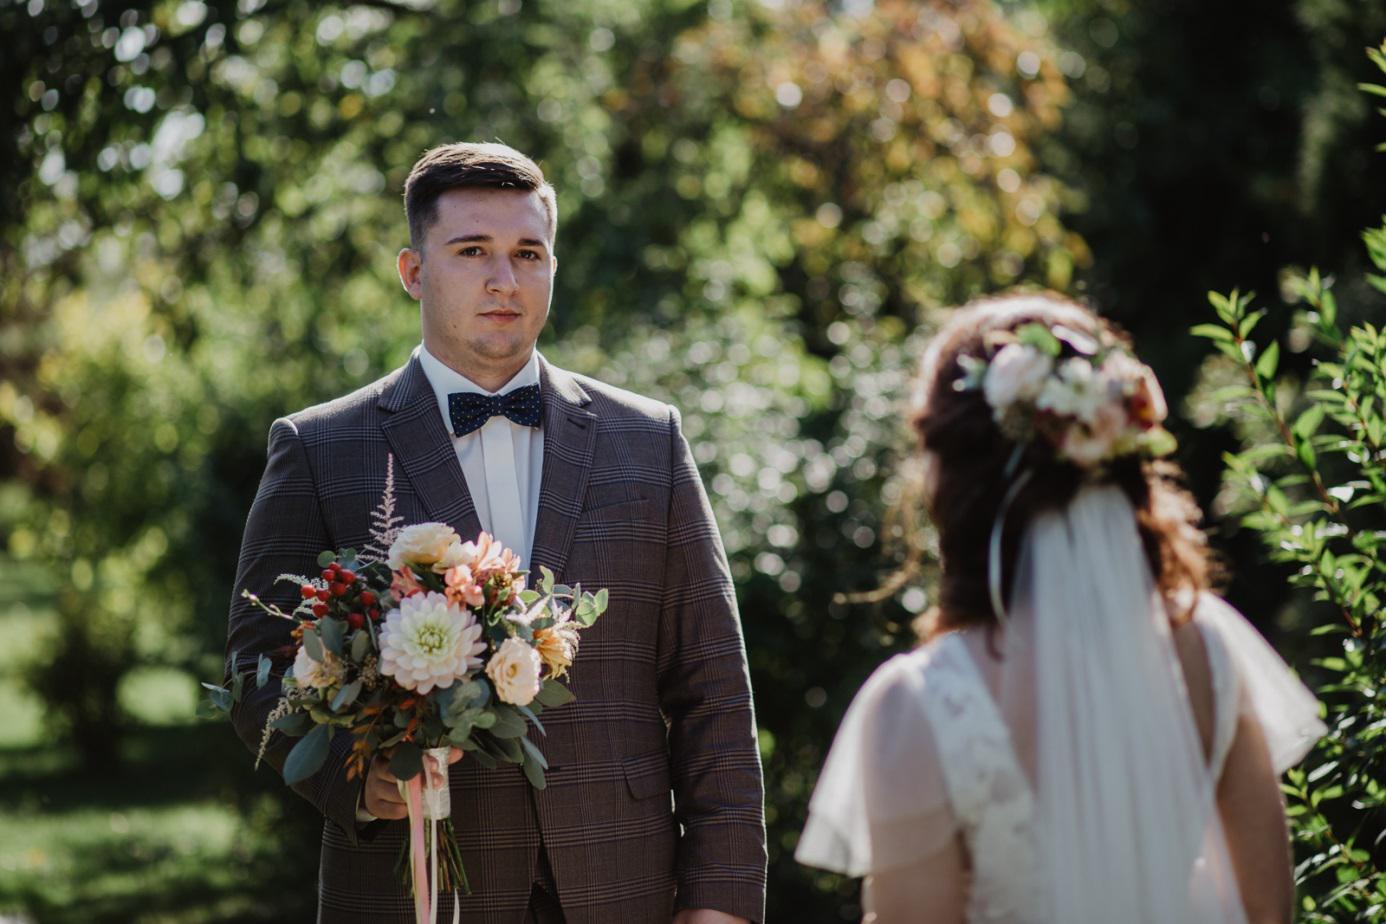 pan młody trzymający bukiet kwiatów dla panny młodej